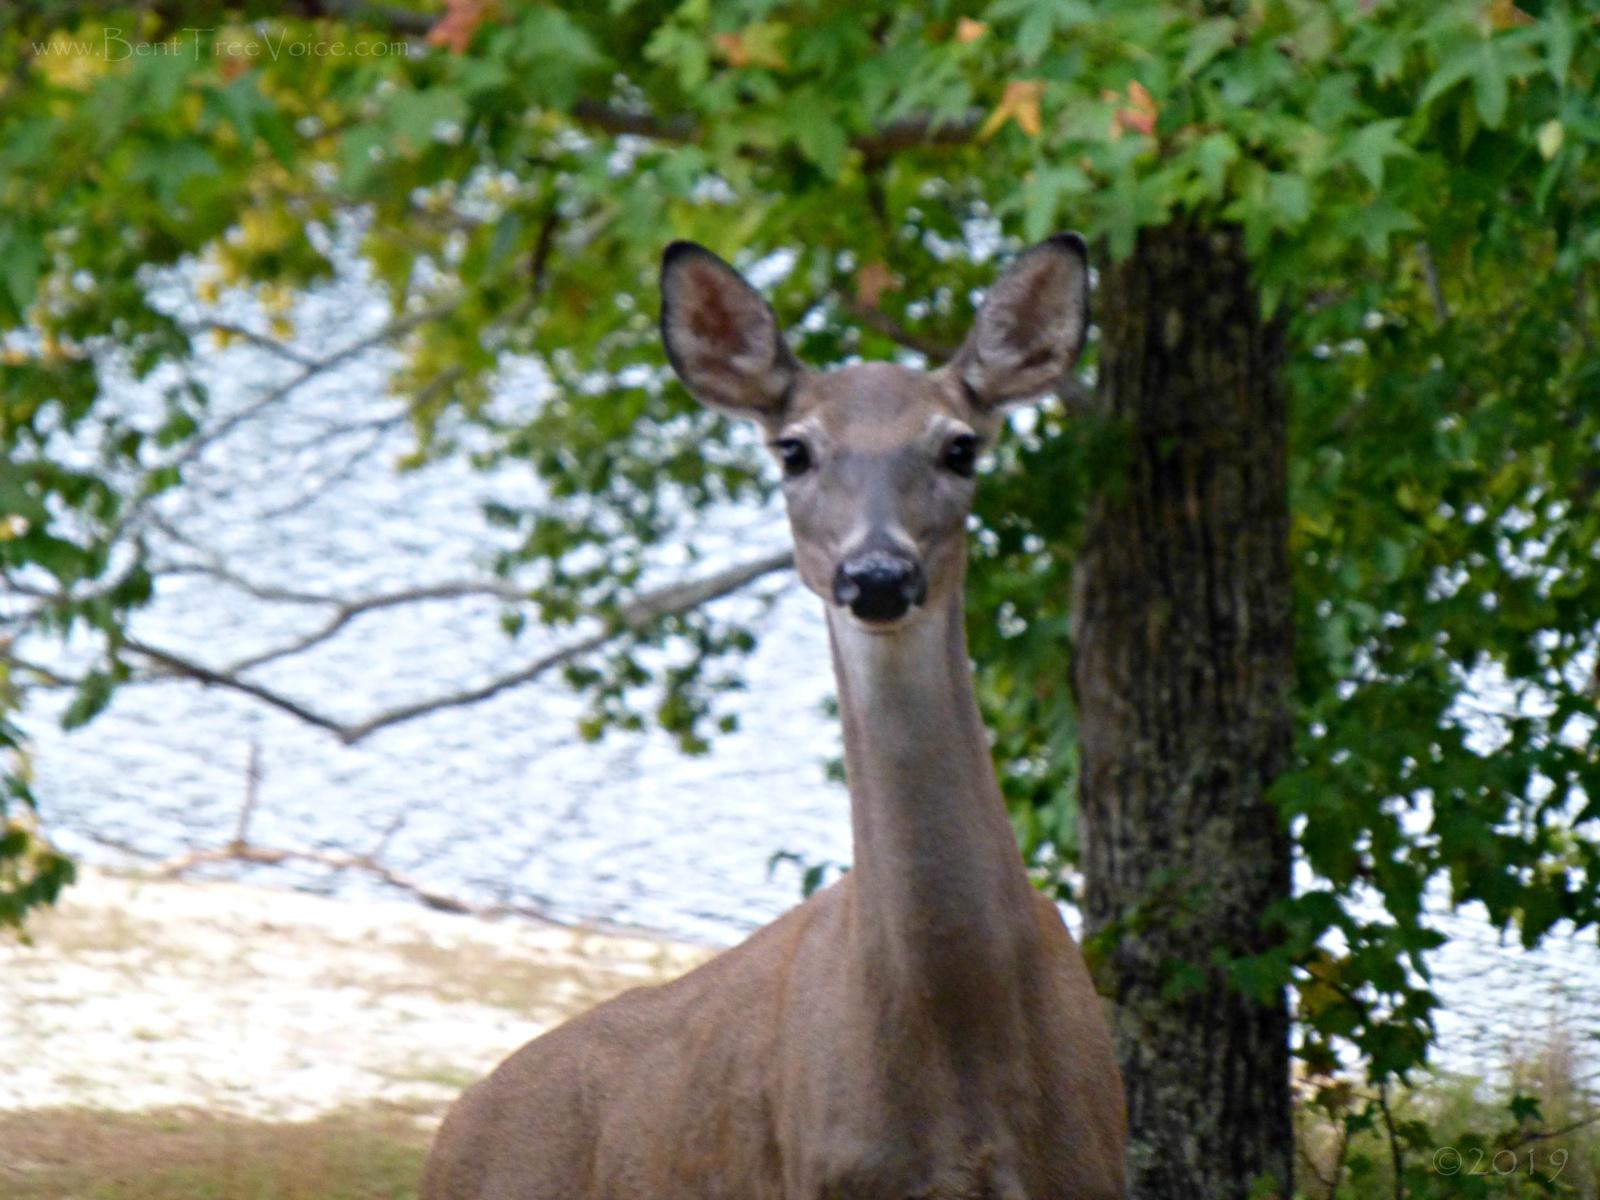 October 15, 2019 - deer at Lake Tamarack in Bent Tree